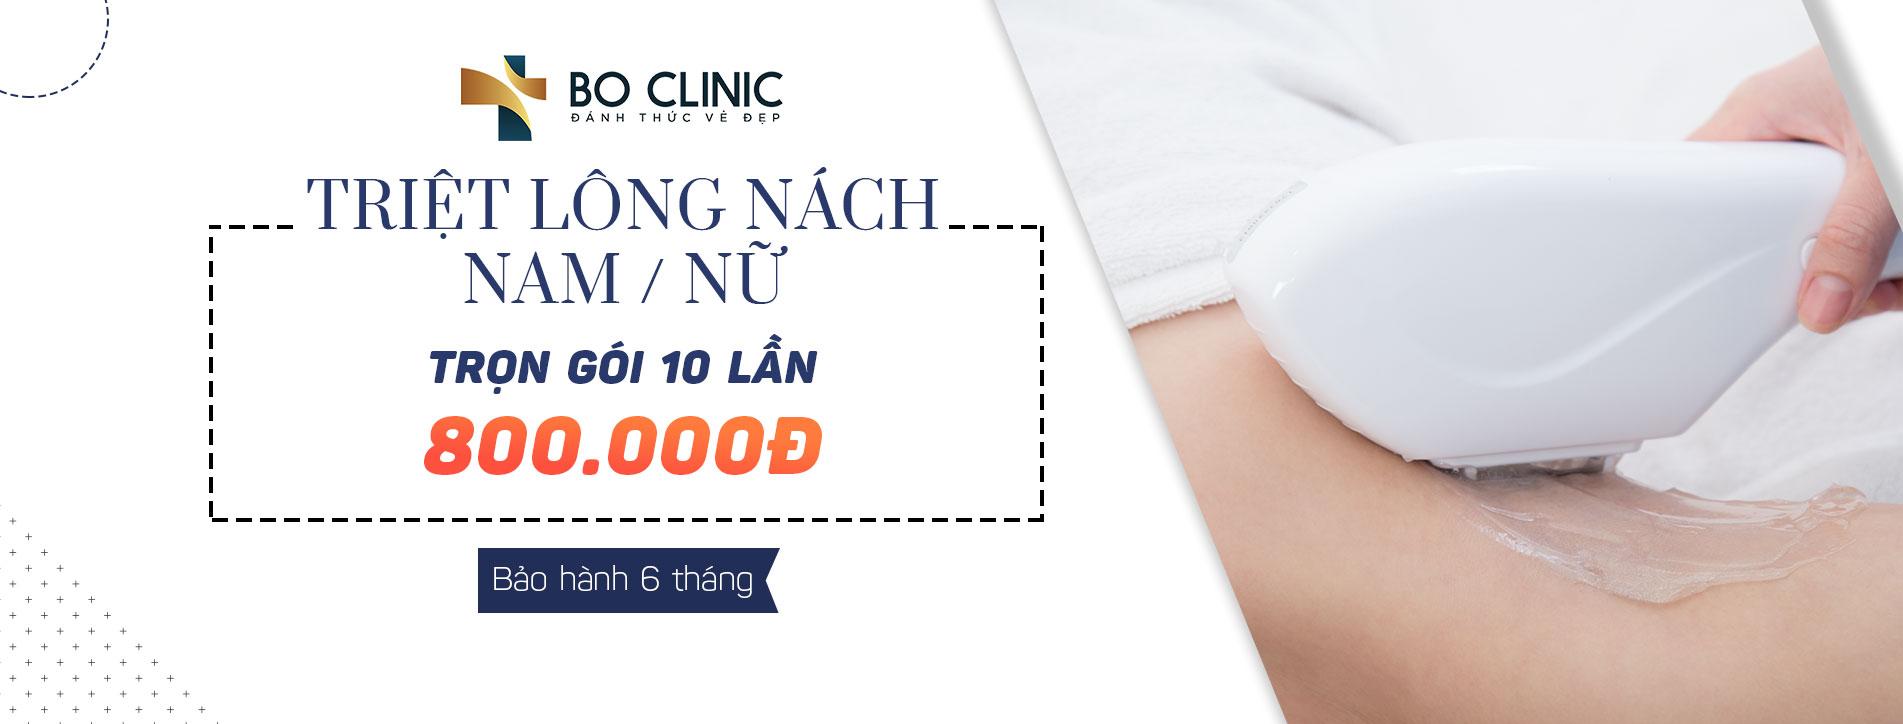 Hot Deal Triệt Lông Nách